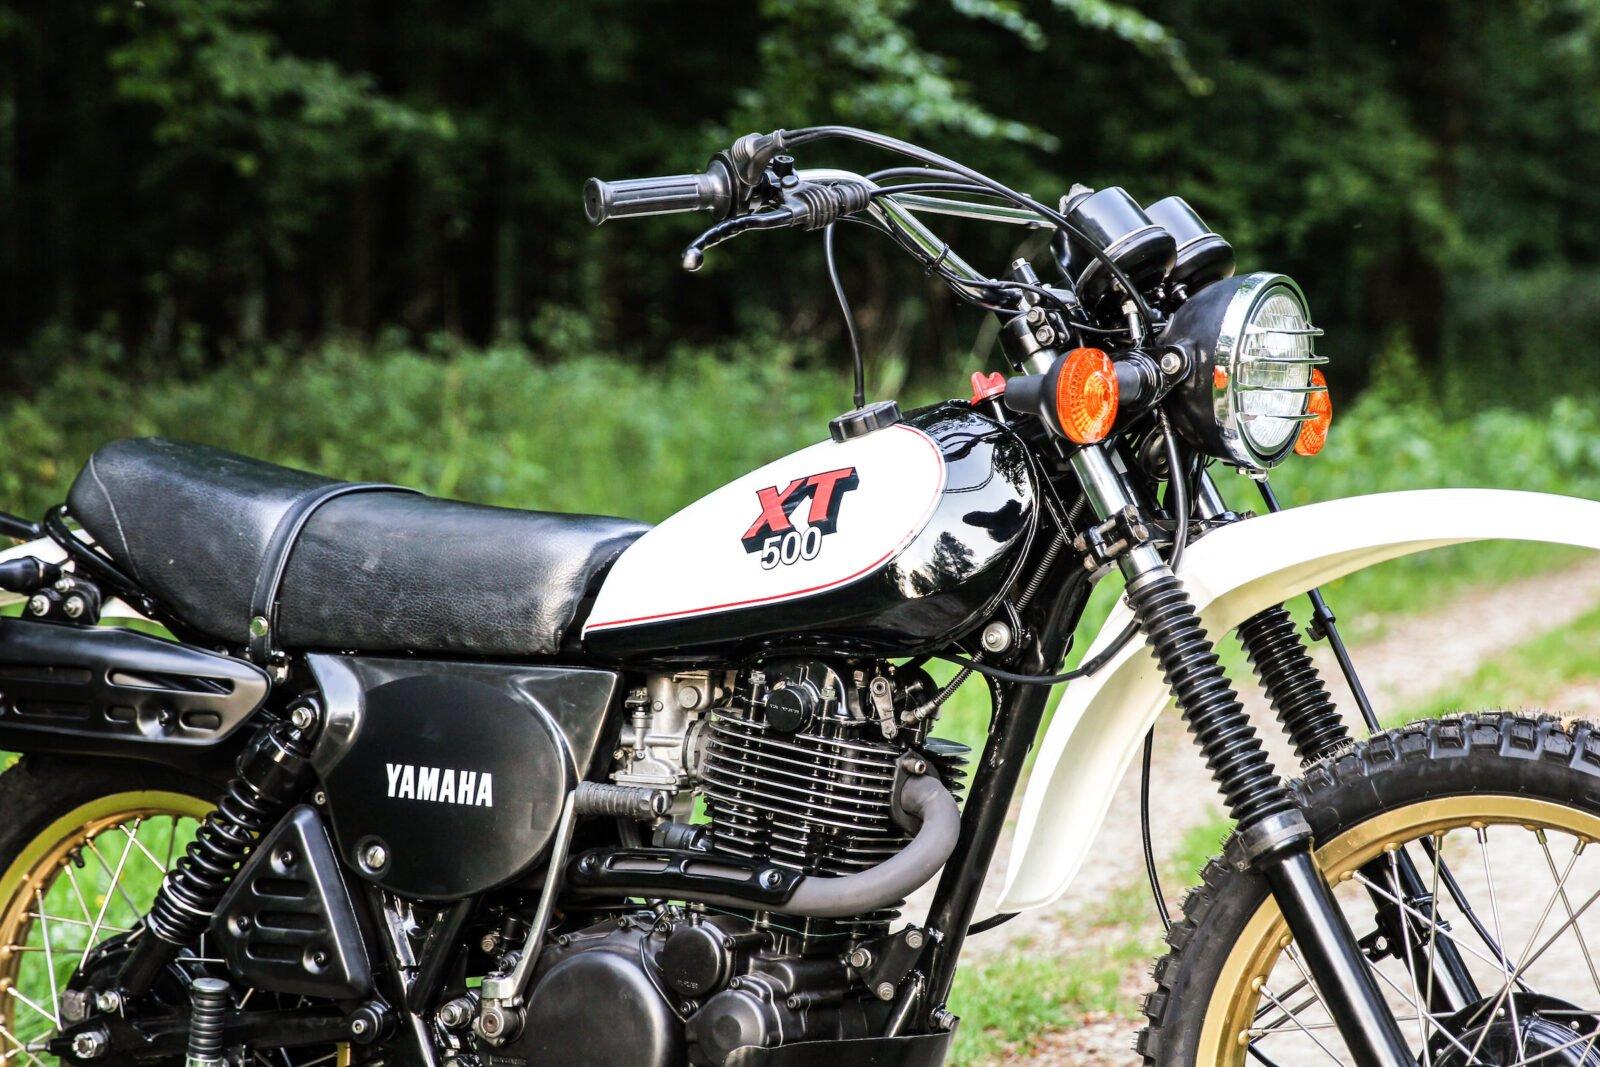 Yamaha XT500 Engine